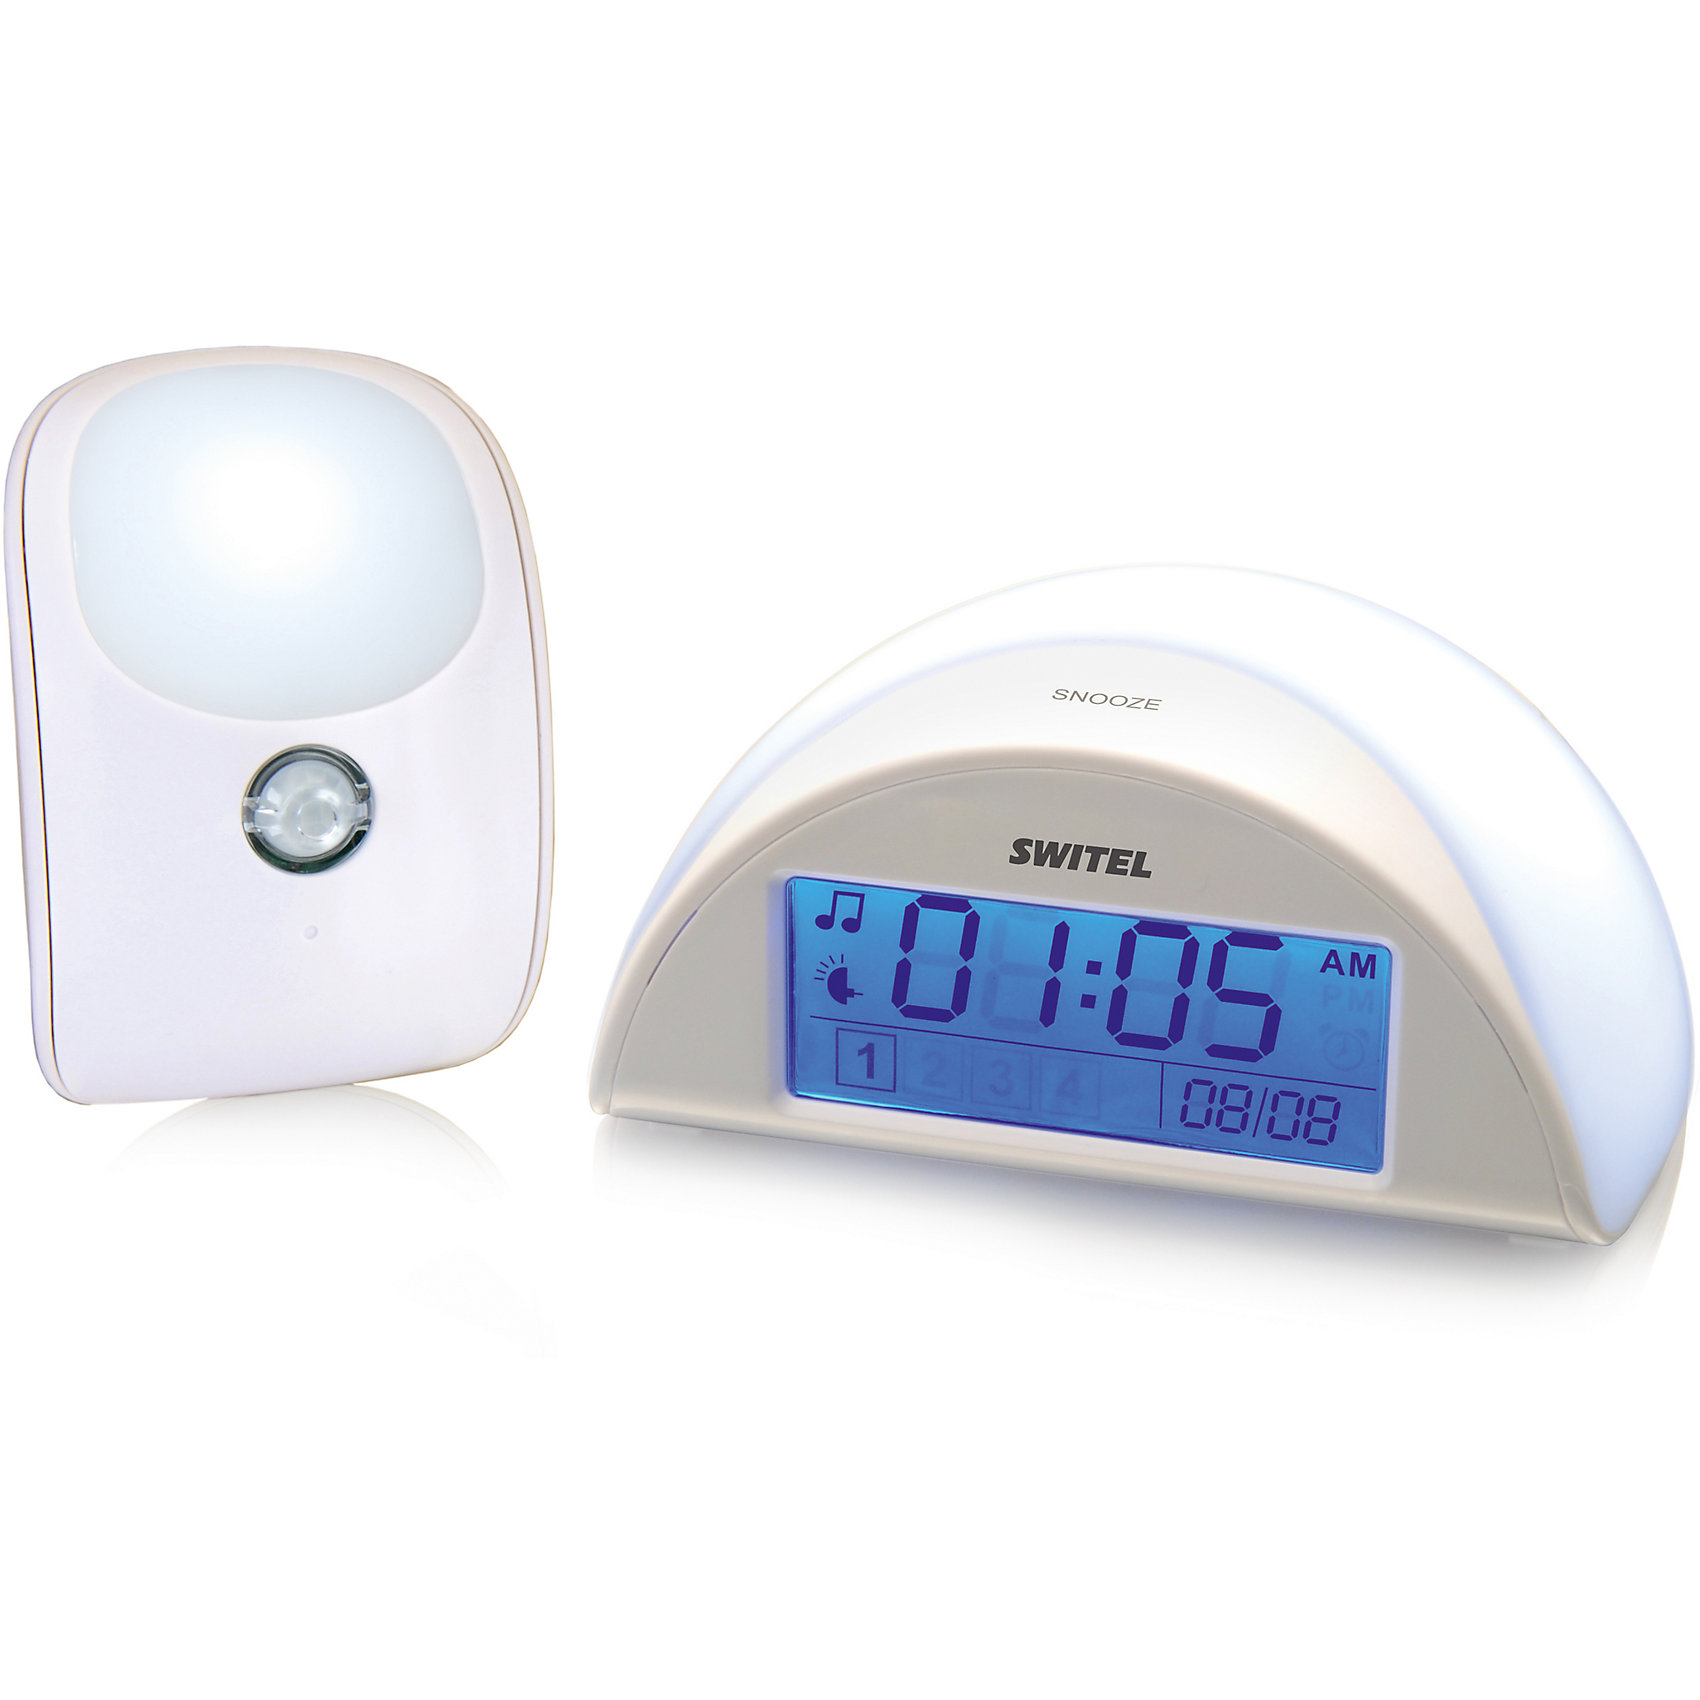 SWITEL Автоматический детский ночник с функцией радионяни BC110, SWITEL автоматический детский ночник с функцией радионяни switel bc110